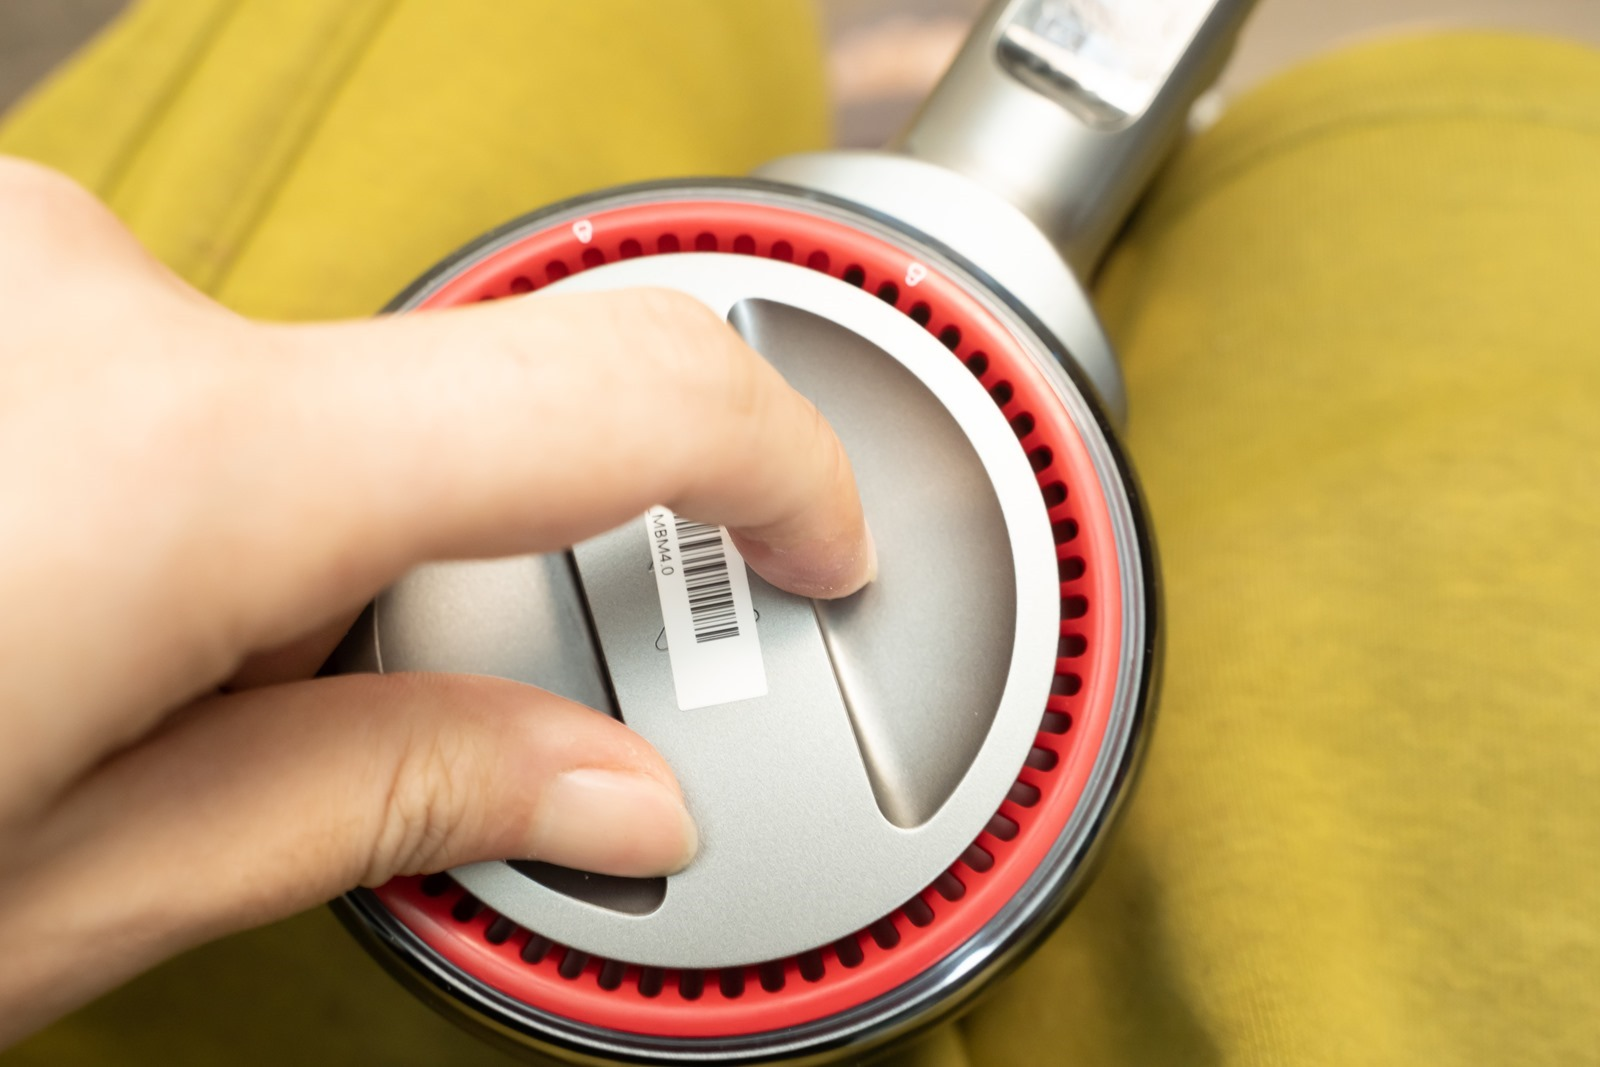 超越同價位機種打掃神器!石頭 H6 手持無線吸塵器使用 BMW 同級電動車電池技術,持久耐用 90 分鐘不斷電 @3C 達人廖阿輝